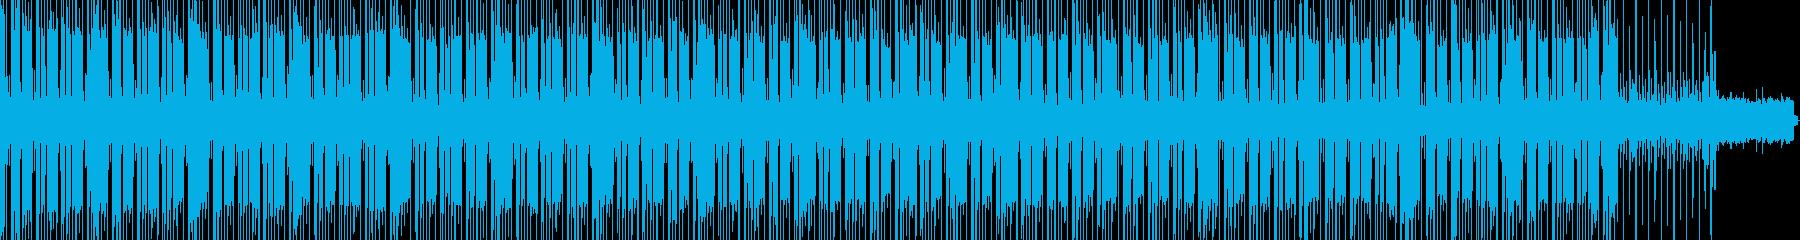 BPM100 哀愁ハウスの再生済みの波形